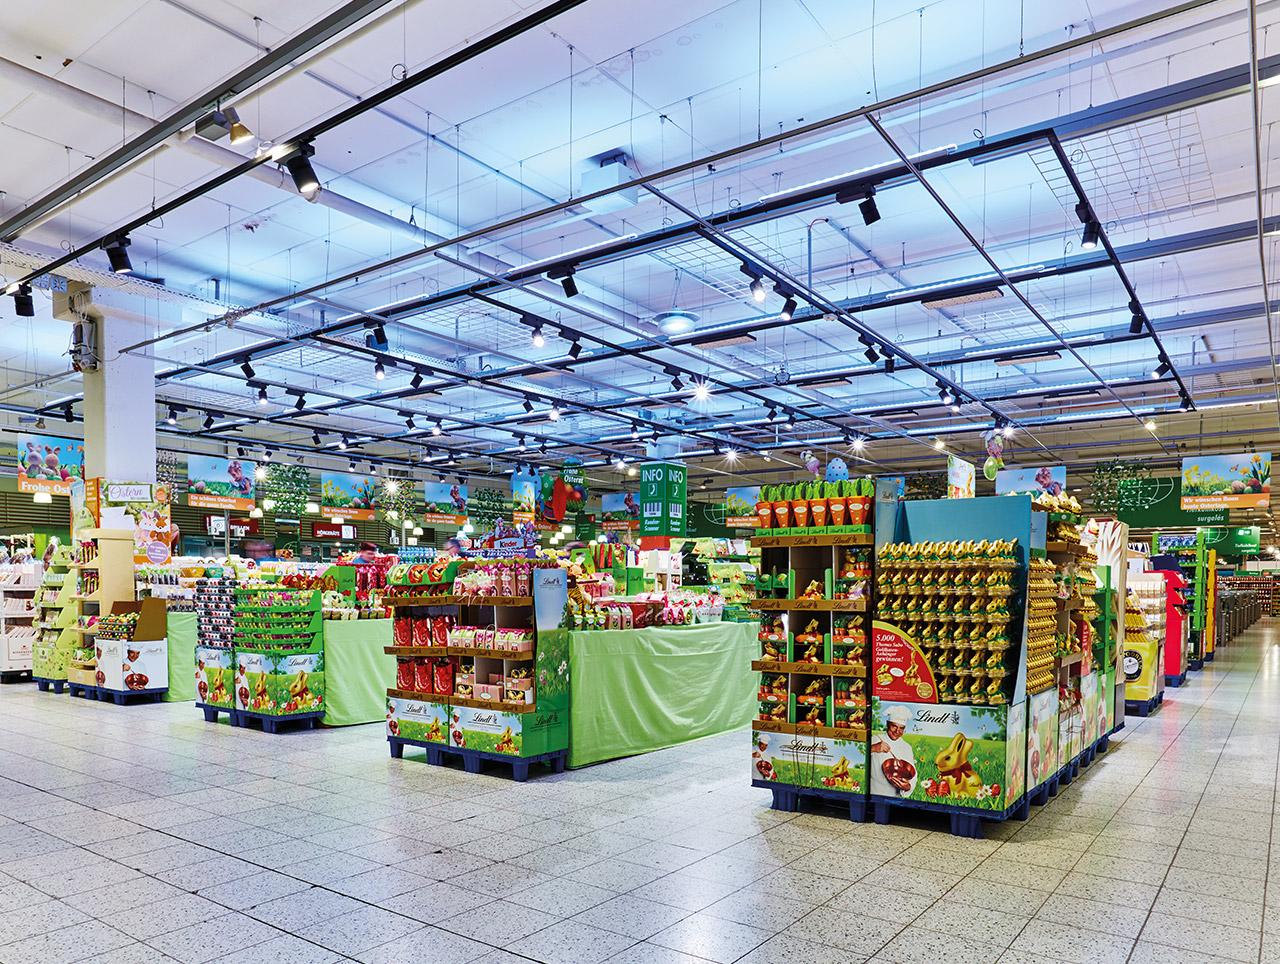 Globus in Saarbrücken: Die indirekte farbige Beleuchtung über dem Promotion-Bereich.